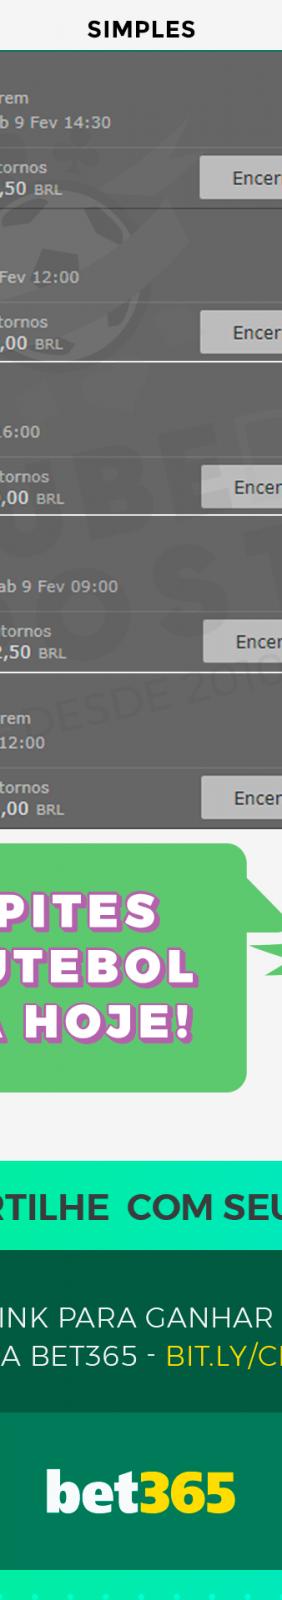 palpites-futebol-hoje-bet365-09-fevereiro